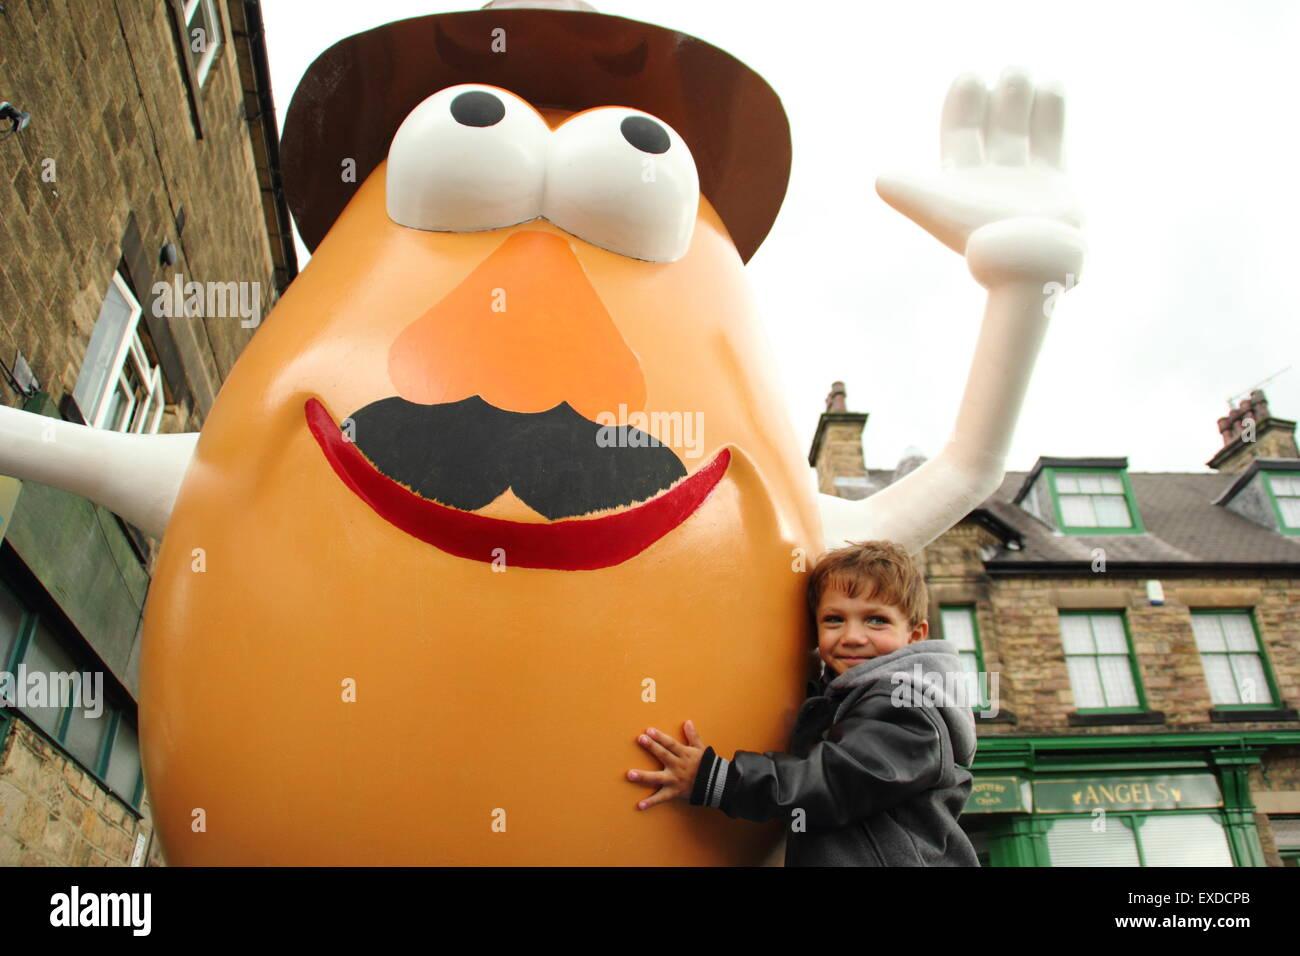 Belper, Derbyshire, UK. 12th July, 2015. Three-year-old Darwyn Reed from Belper hugs a giant Mr Potato Head that - Stock Image